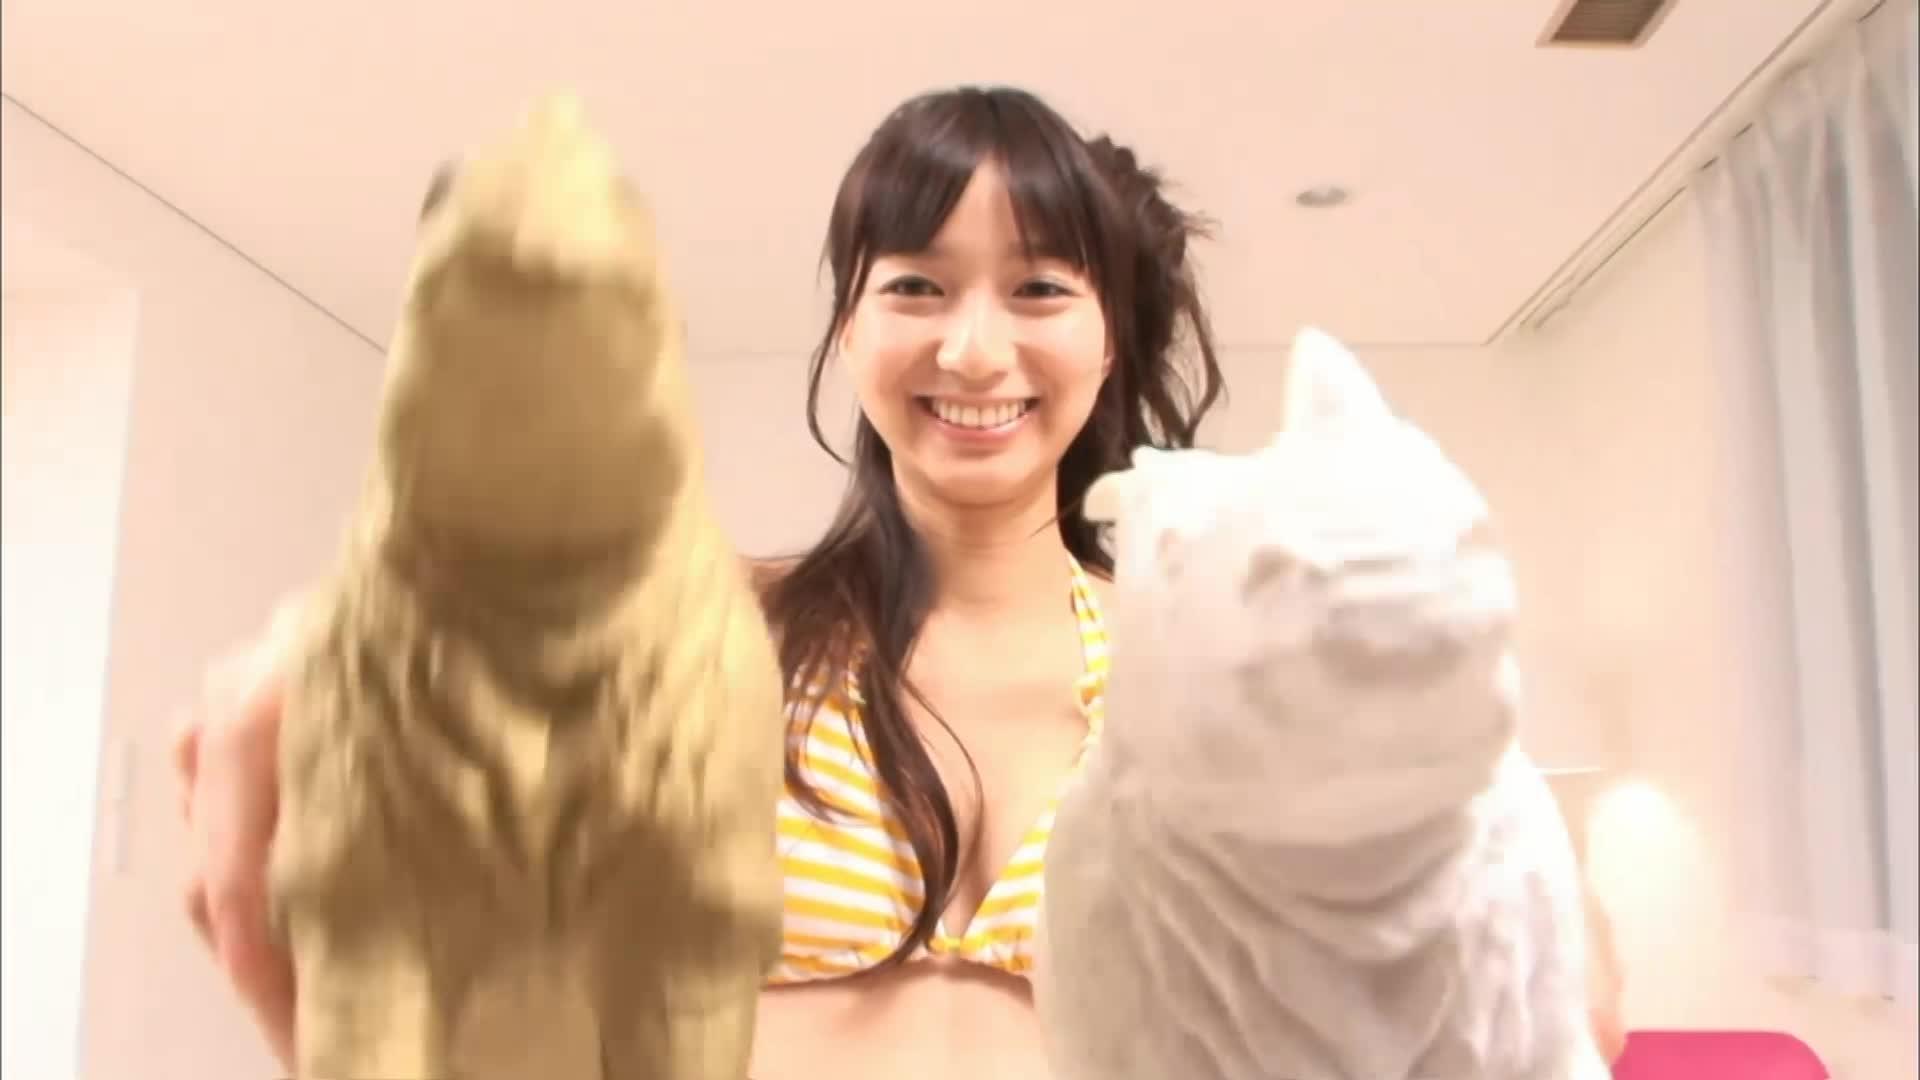 【芹那 Serina】繊細でしなやかなBODY。少しハーフっぽい感じのFACEが印象的!